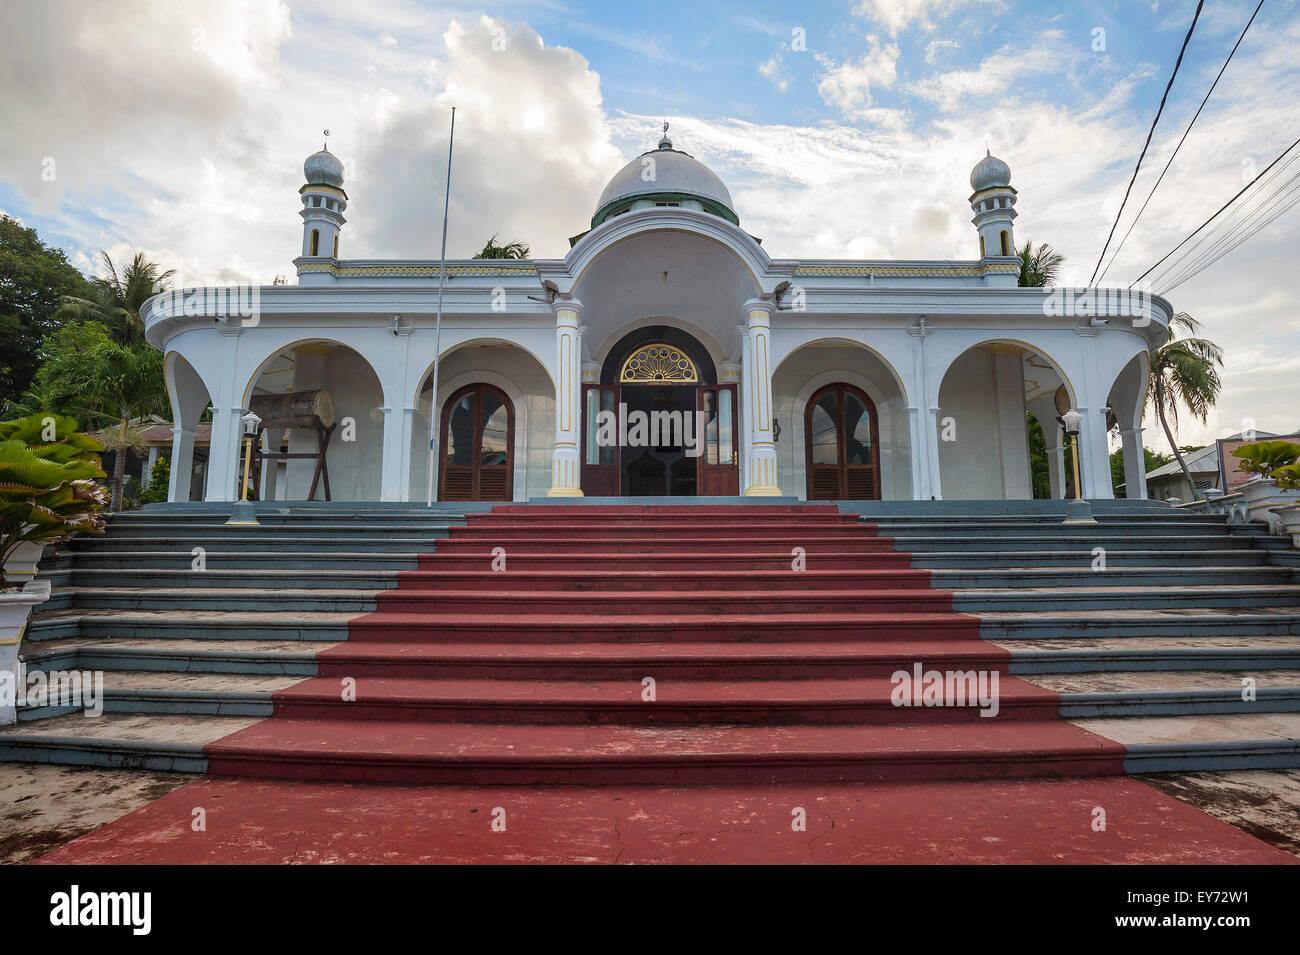 Mosque, Banda Neira, Banda Islands, Maluku Islands, Indonesia - Stock Image